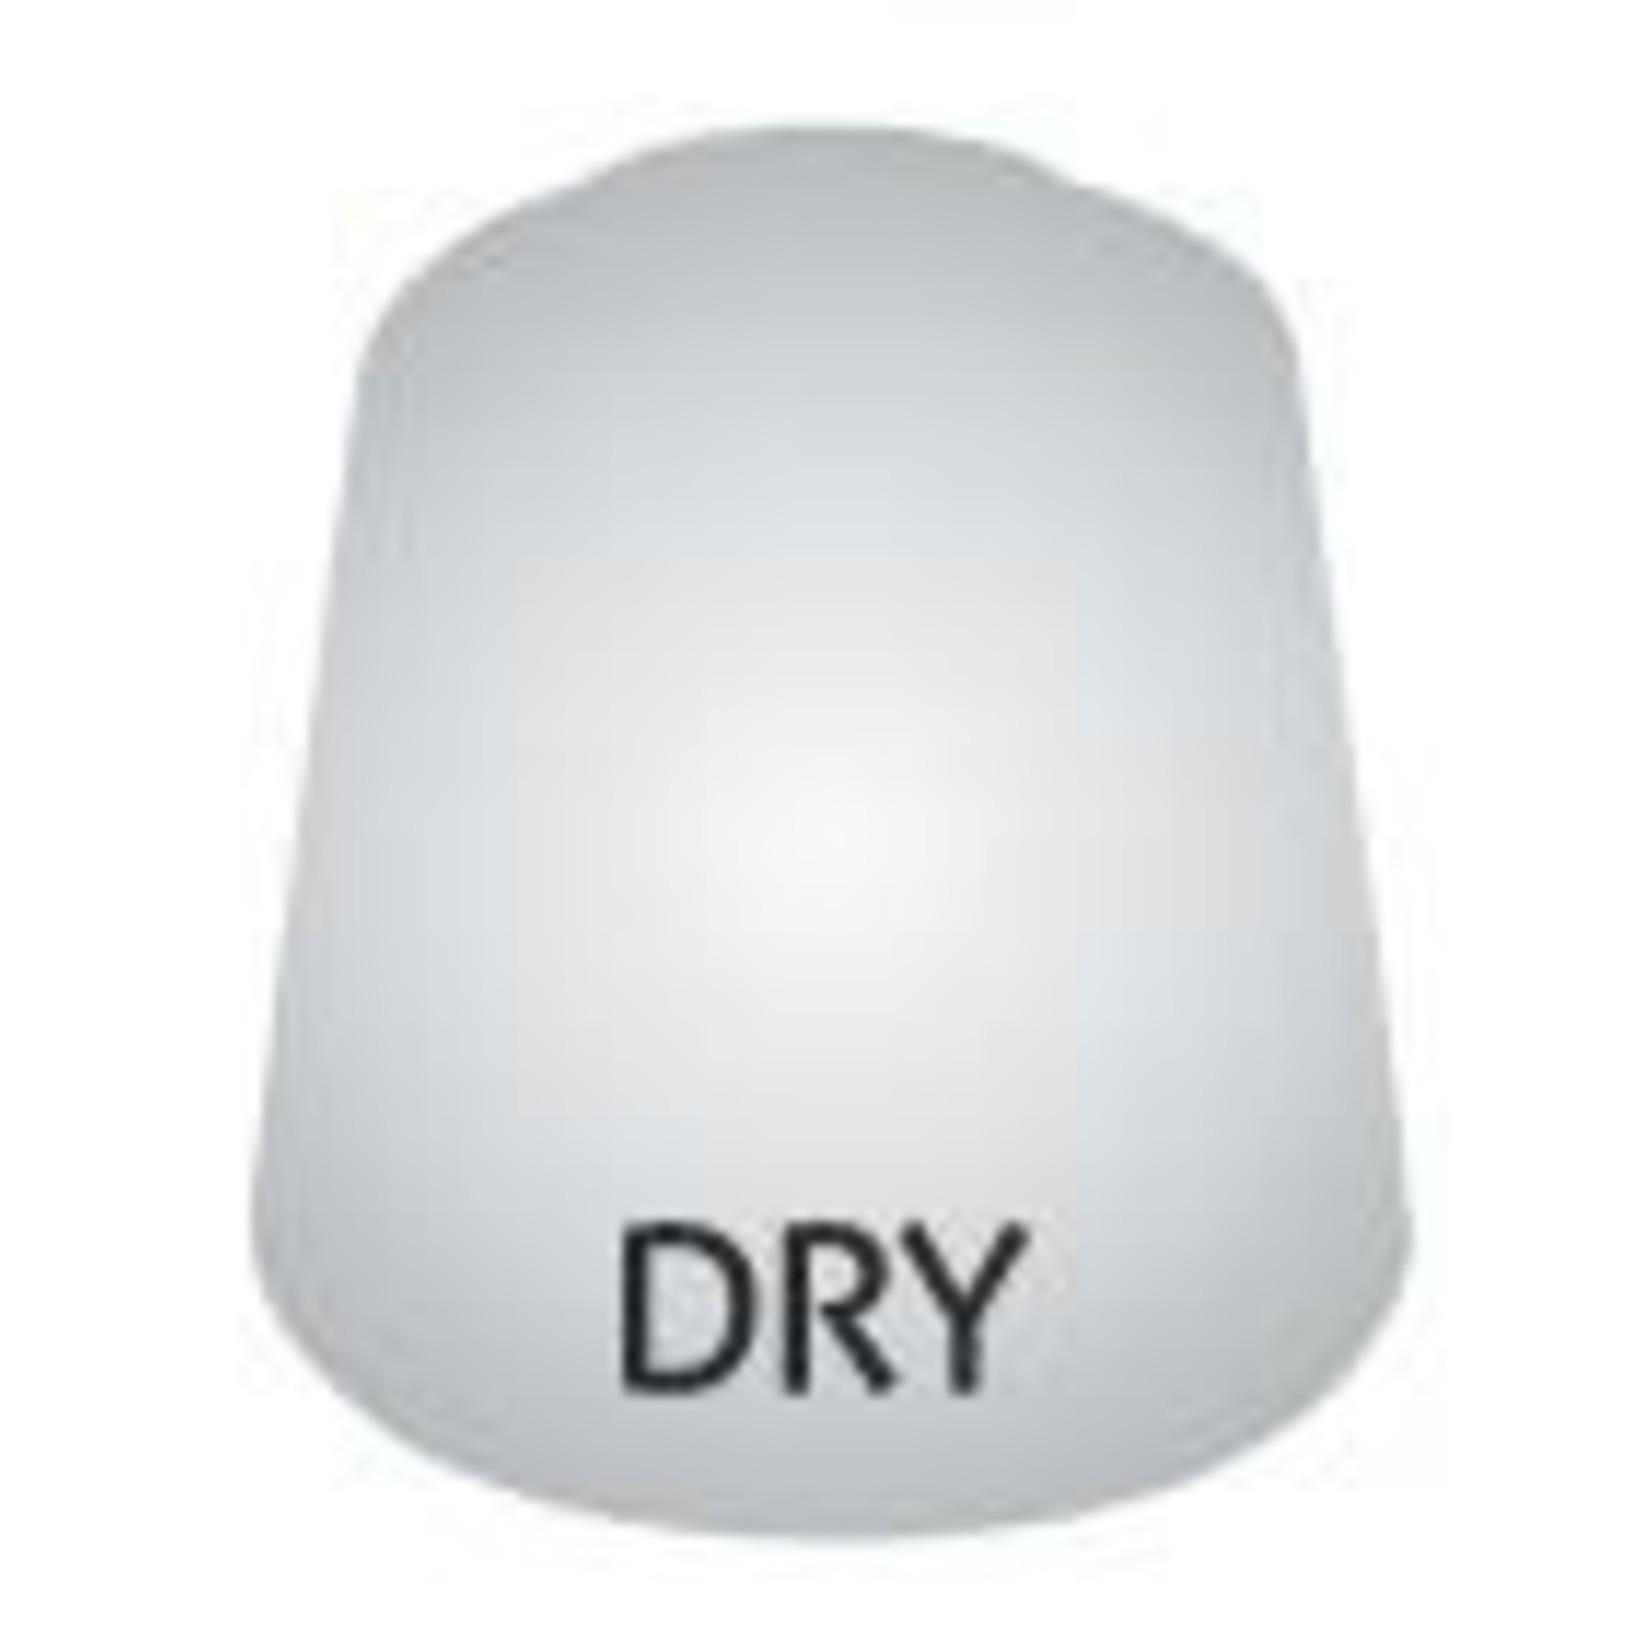 Games Workshop Necron Compound (12ml) Dry